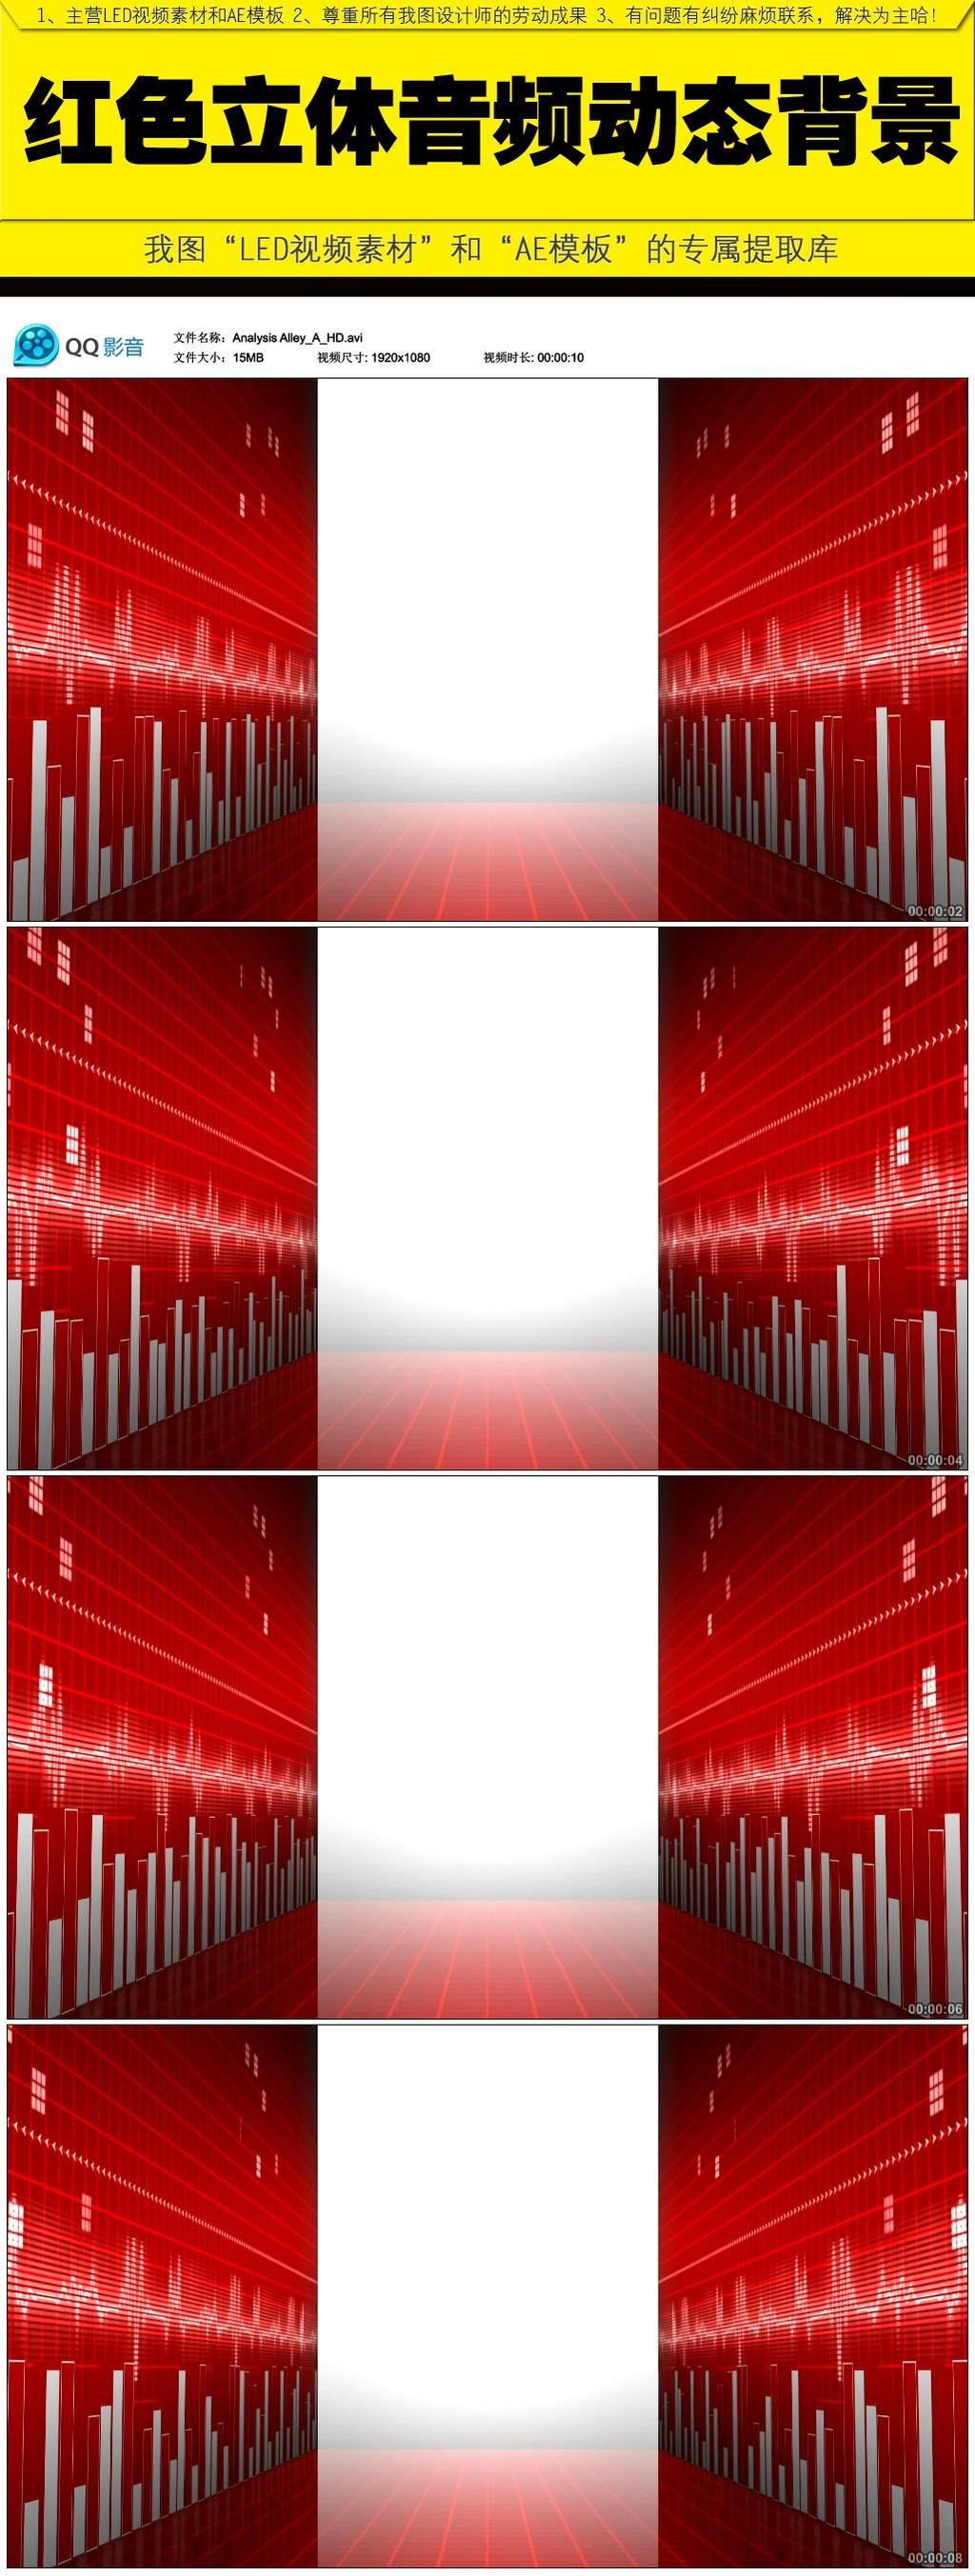 音频 频谱 立体 动感 声音振动 音频波动 频率 旋律 音律 音频墙 音量